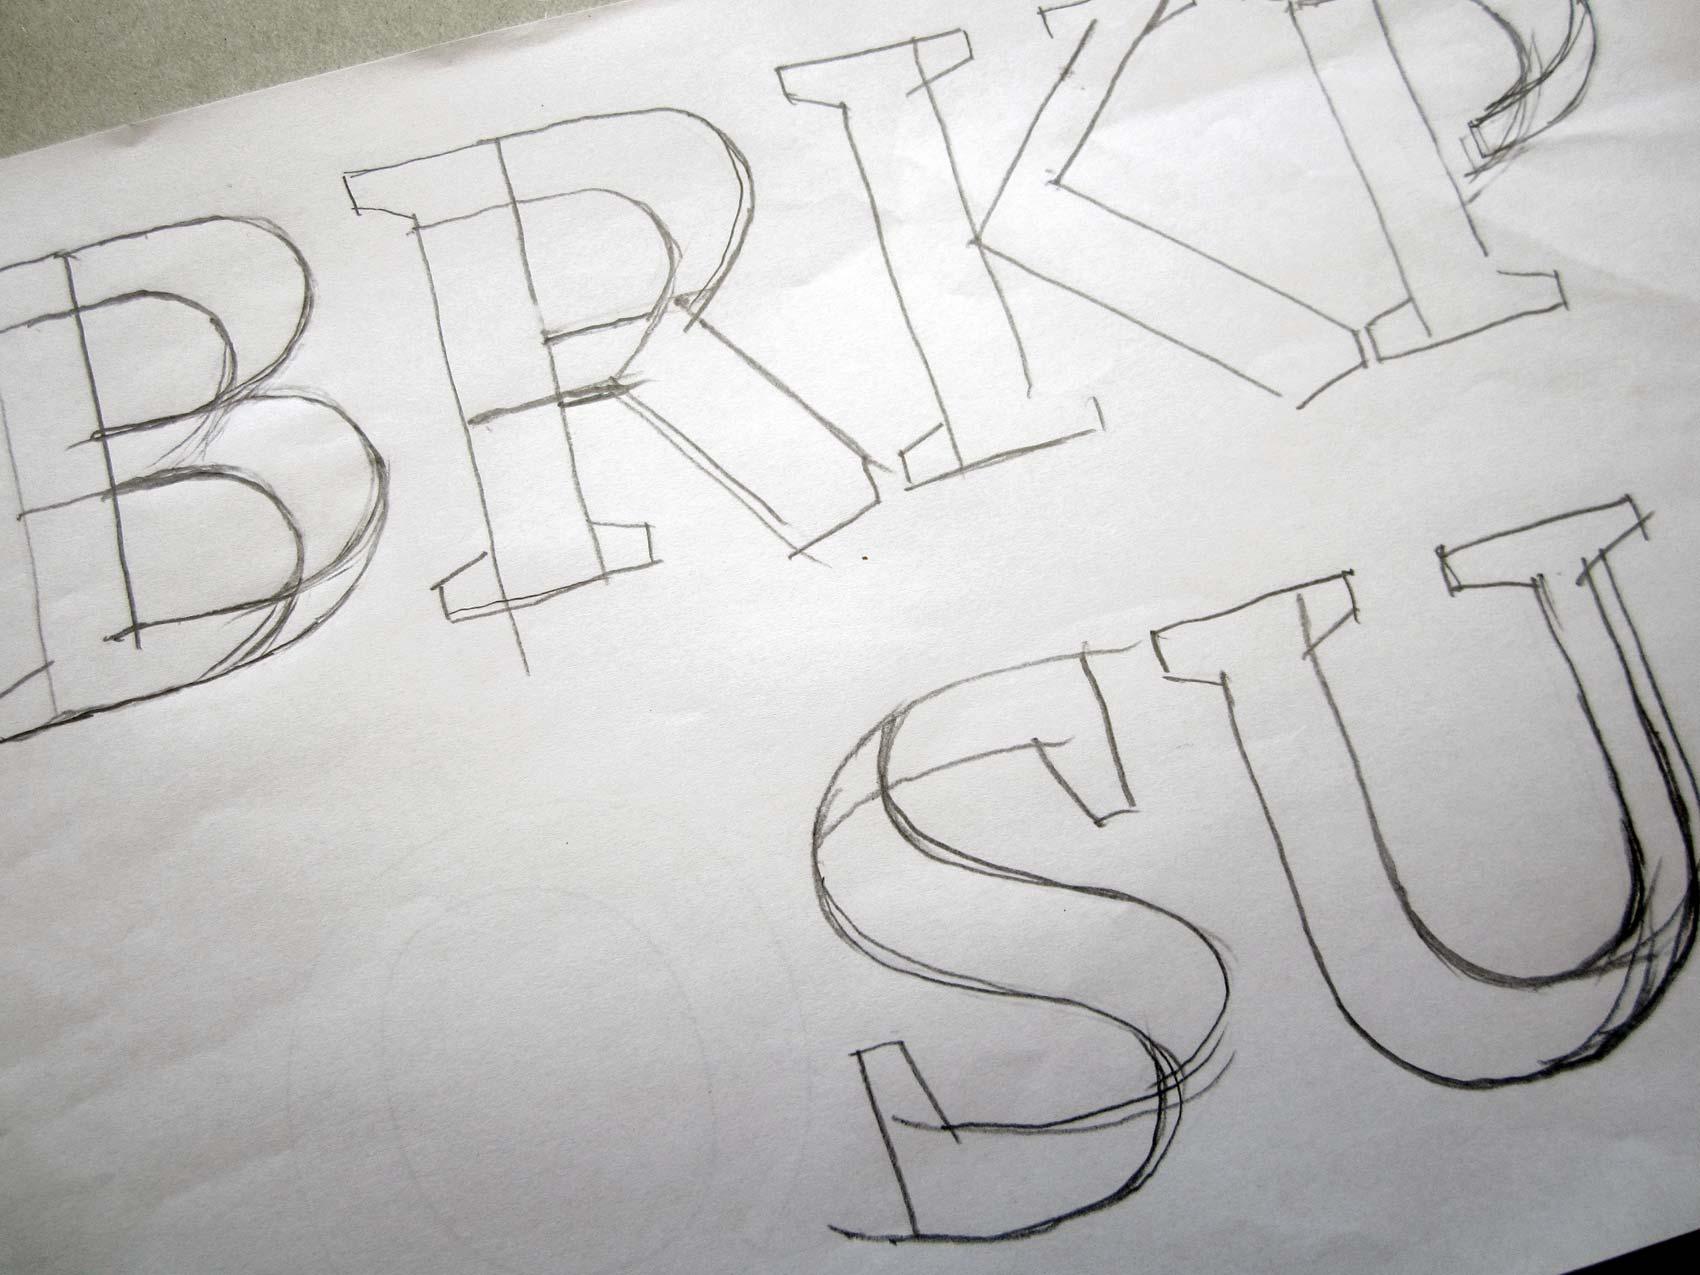 05_Sketches_Step2_c.jpg